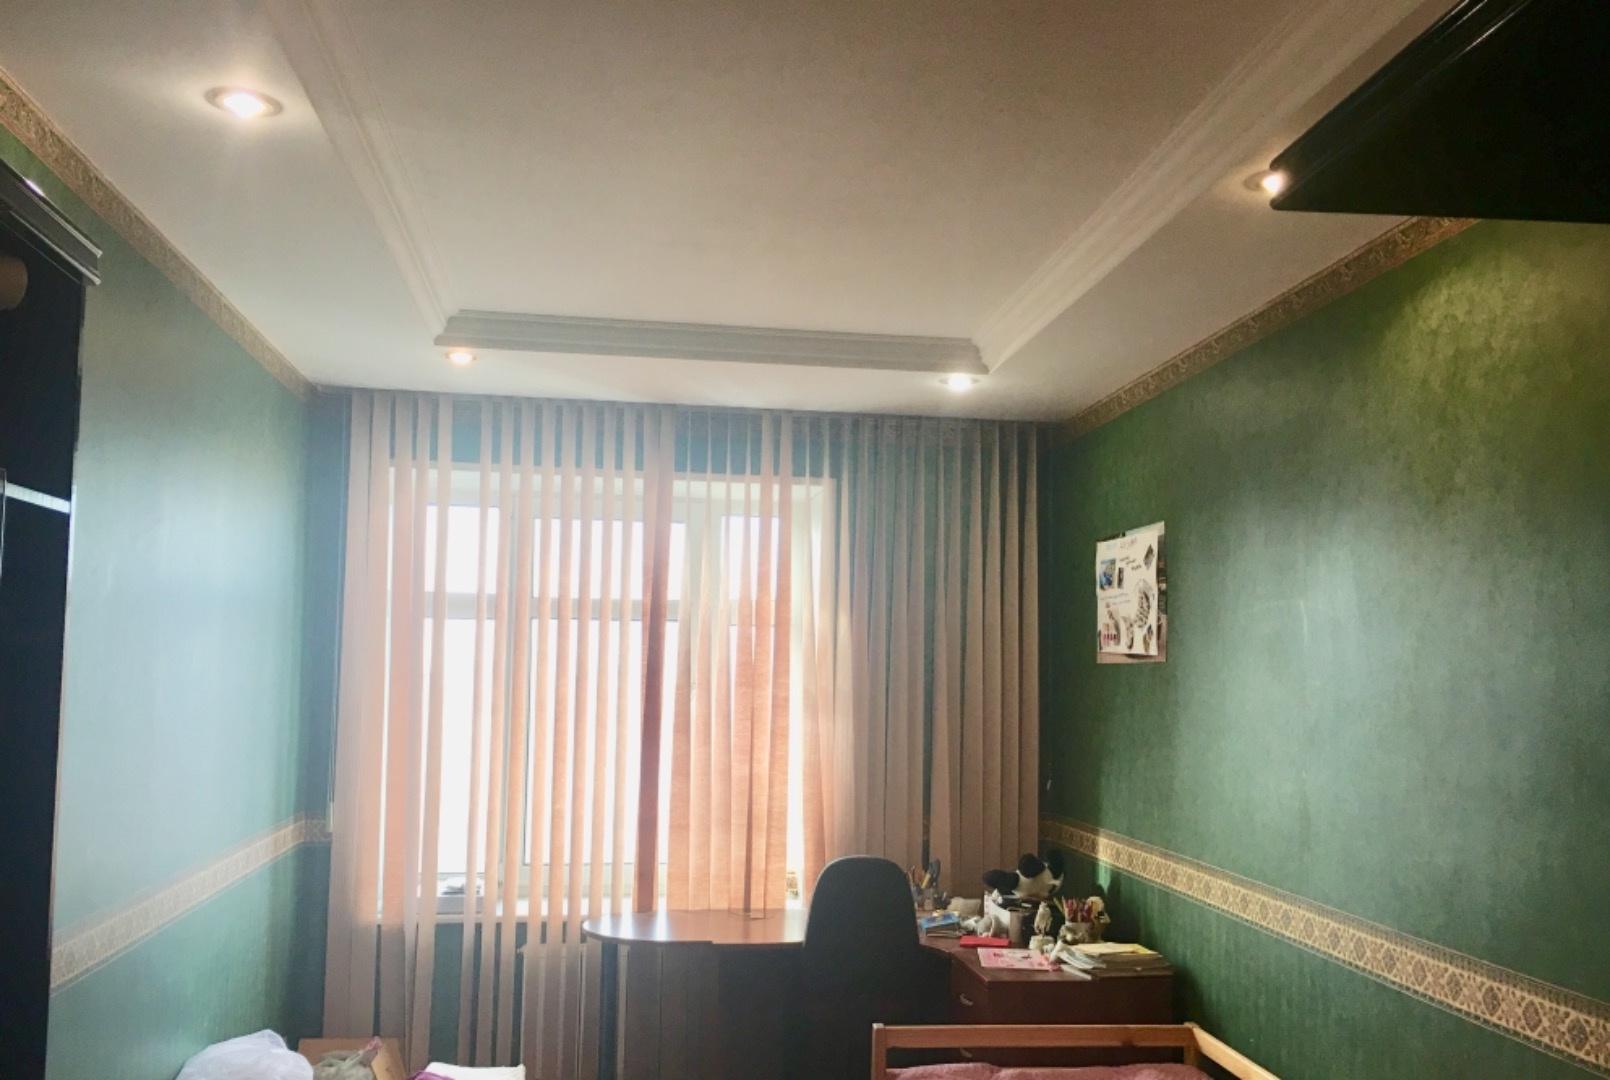 Продается 3-комнатная Квартира на ул. Педагогическая — 140 000 у.е. (фото №3)